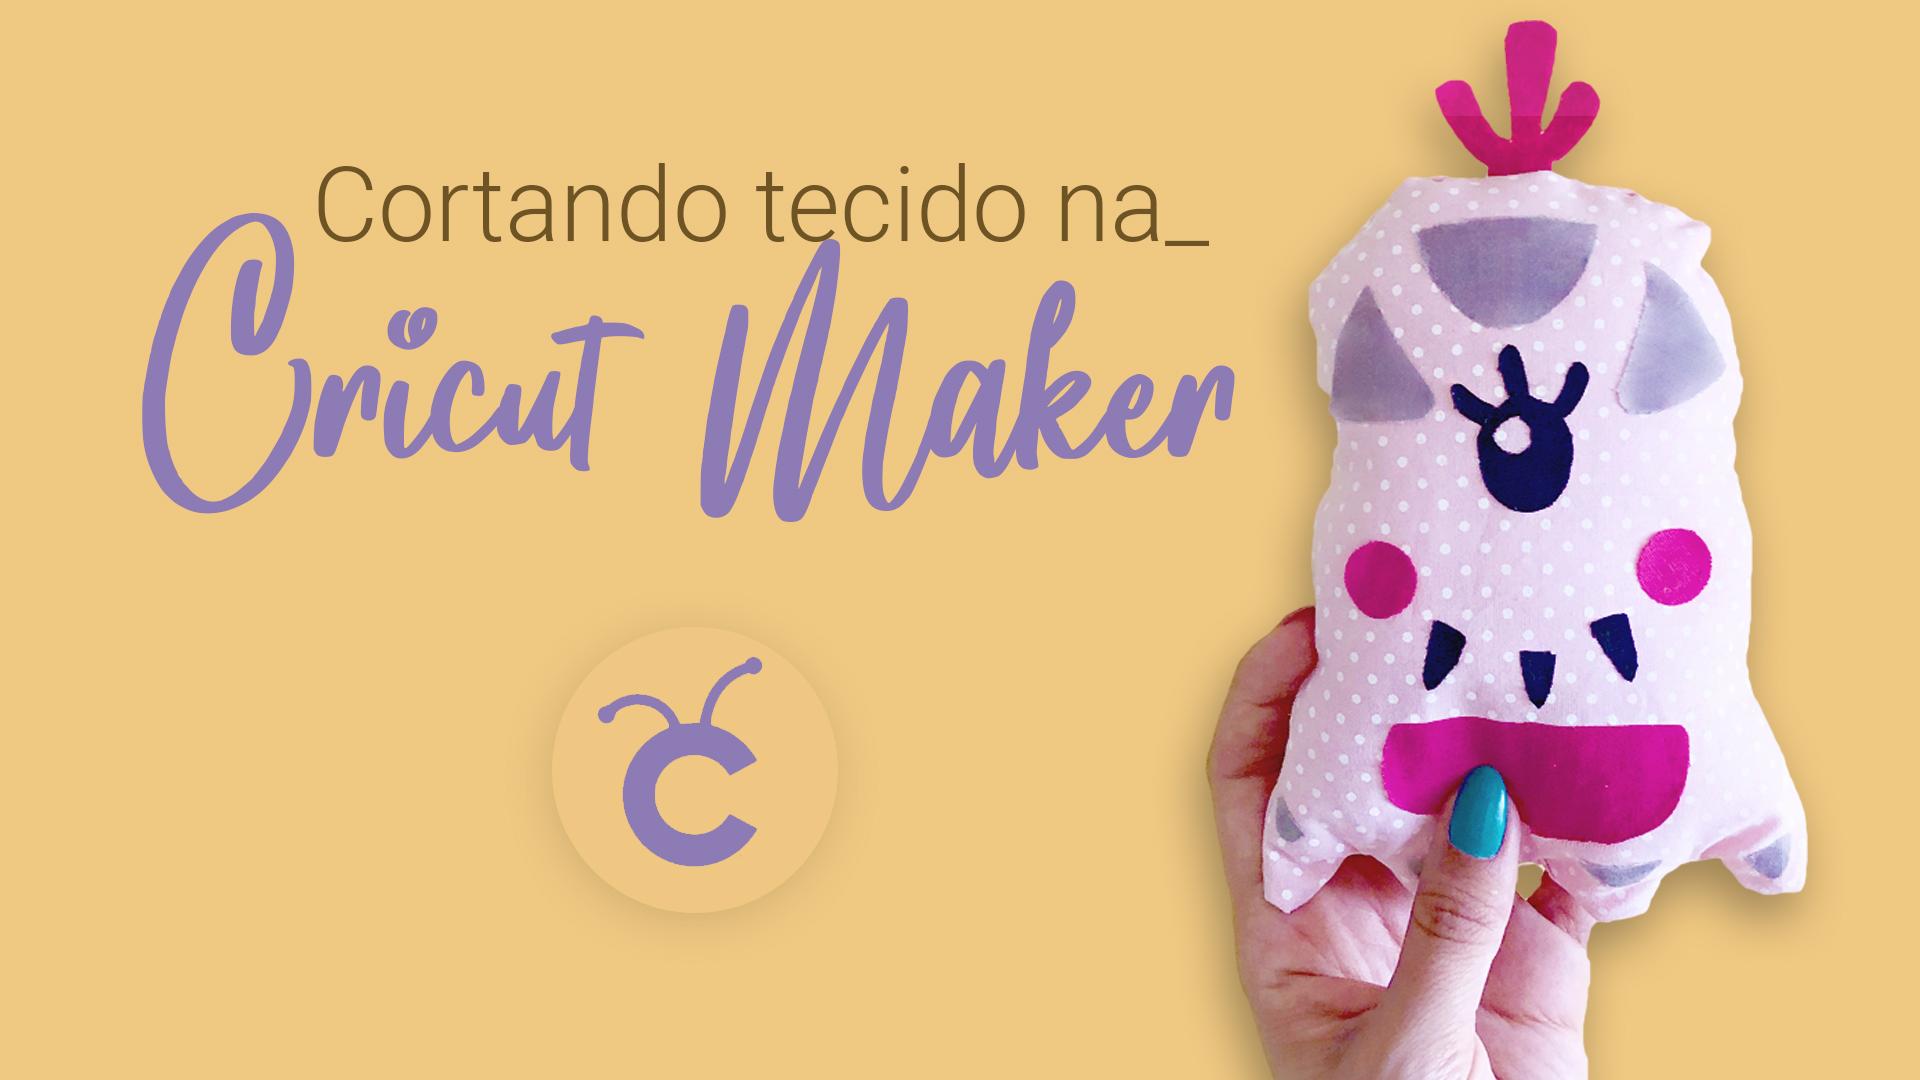 Máquina de Cortar Tecido: Conheça a Cricut Maker